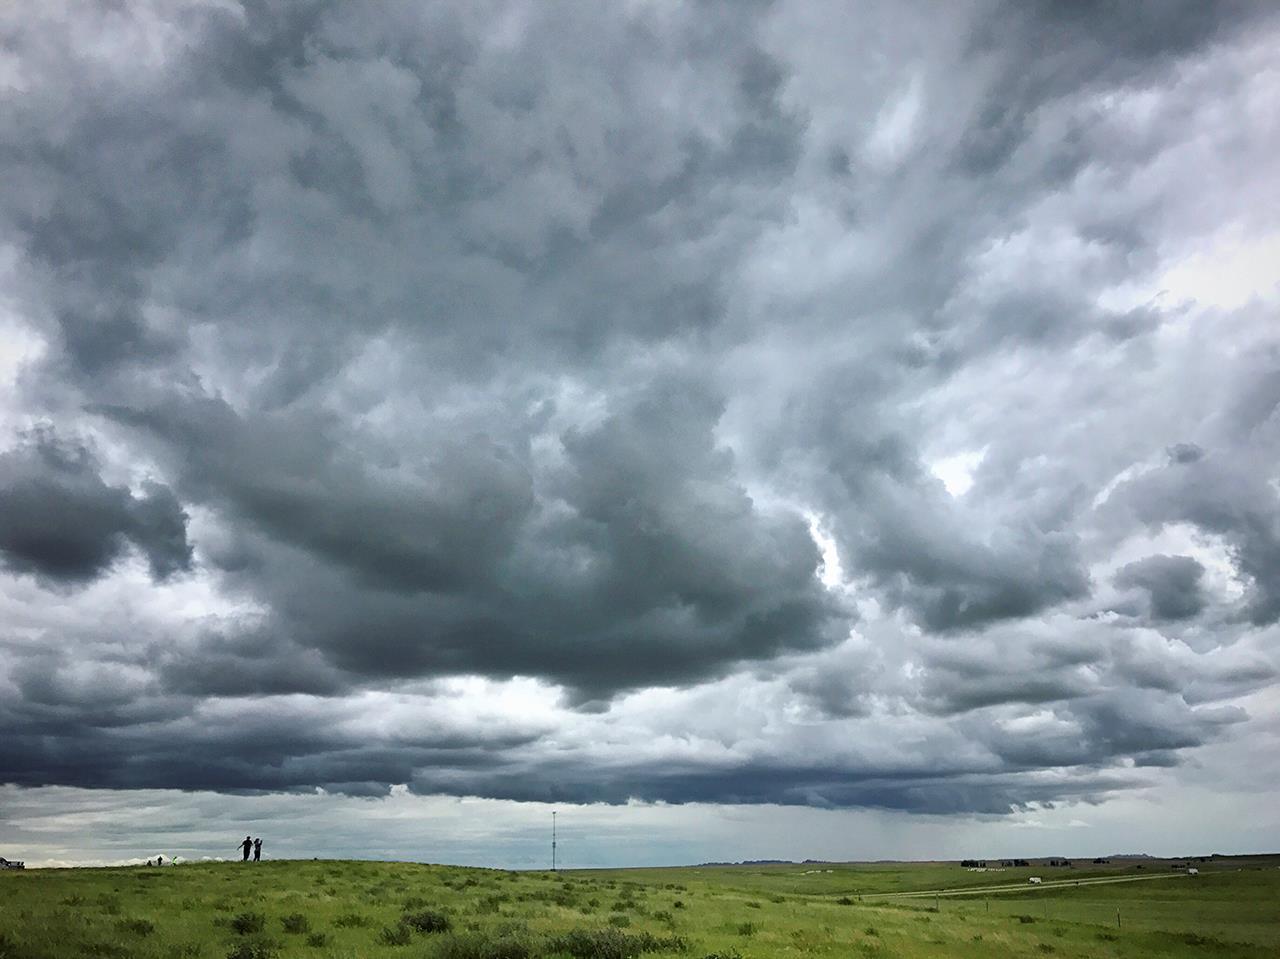 Остановка на отдых: Юго-западная Дакота, Джон Гаюски / John Gayusky, Ливингстон, Фотоконкурс Santa Fe Photographic